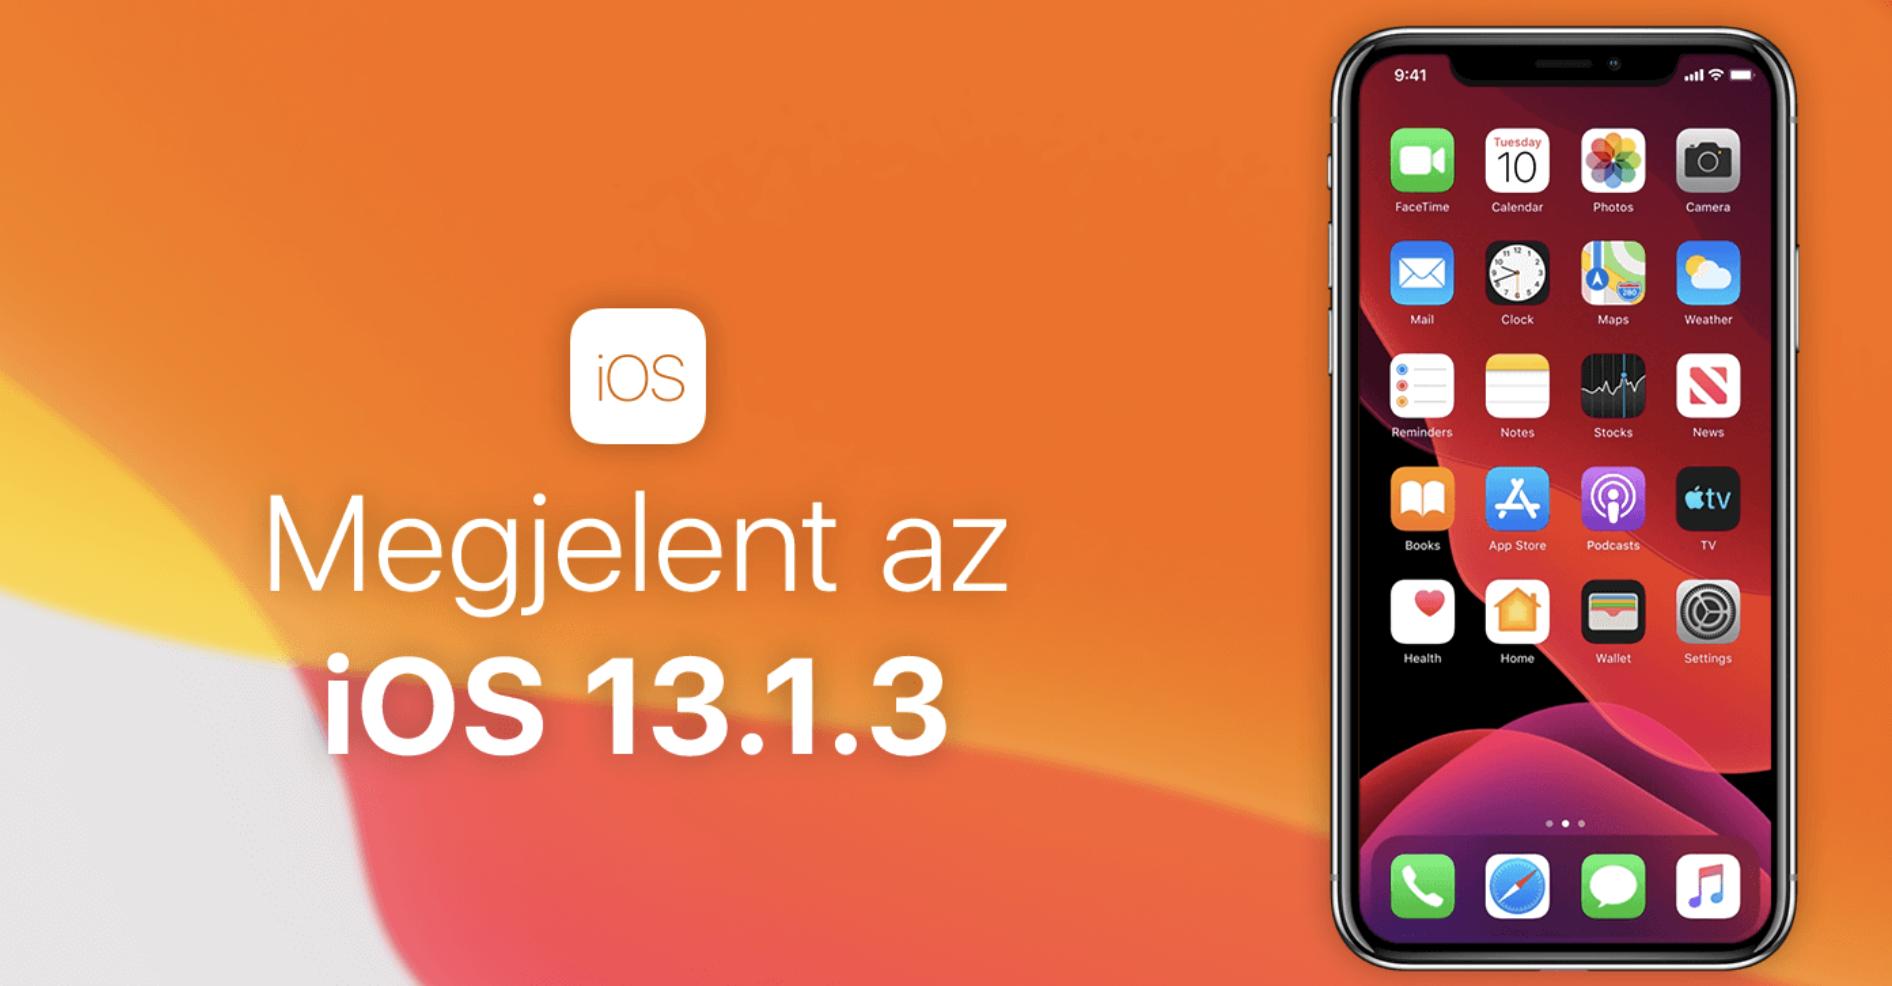 Megérkezett az iOS 13.1.3 frissítés, ami most több hibát is javít